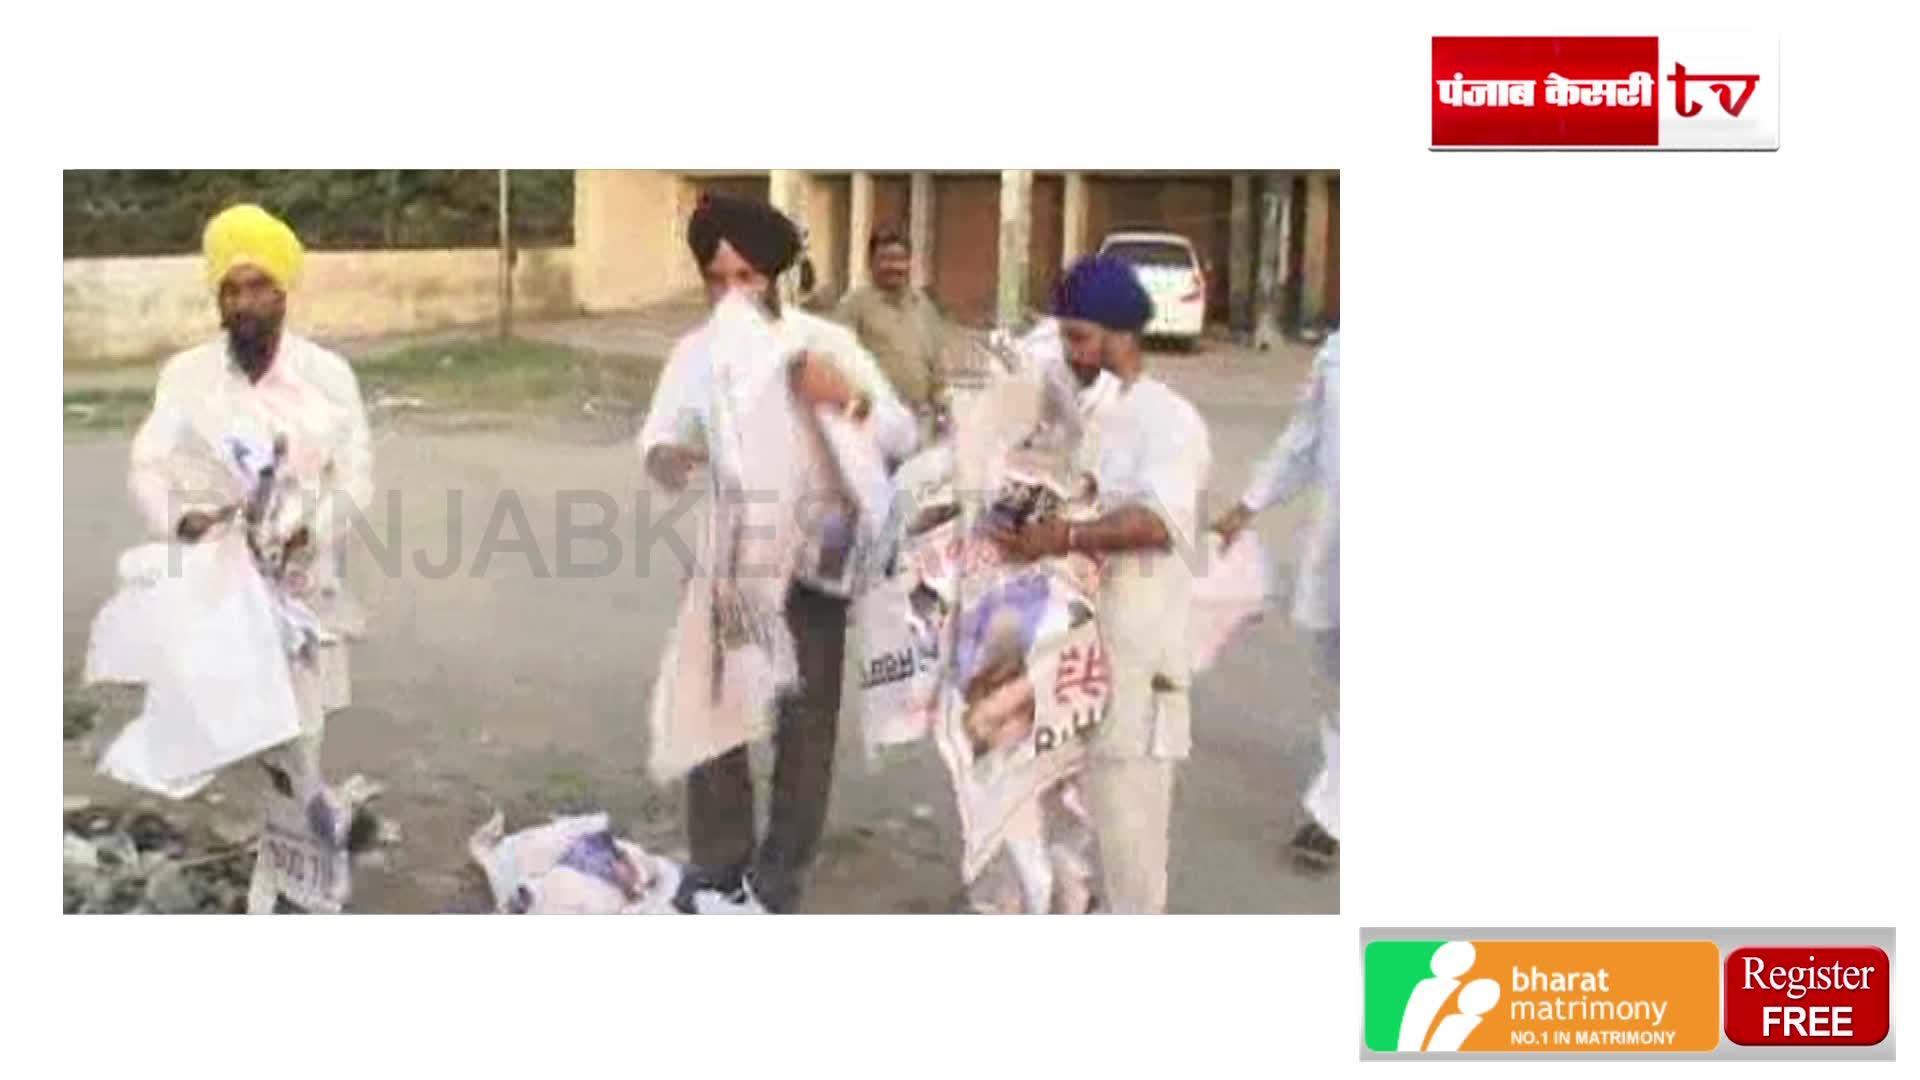 Image of केजरीवाल के दौरे से पहले वर्करों ने दिए इस्तीफे, दफ्तर को लगाया ताला